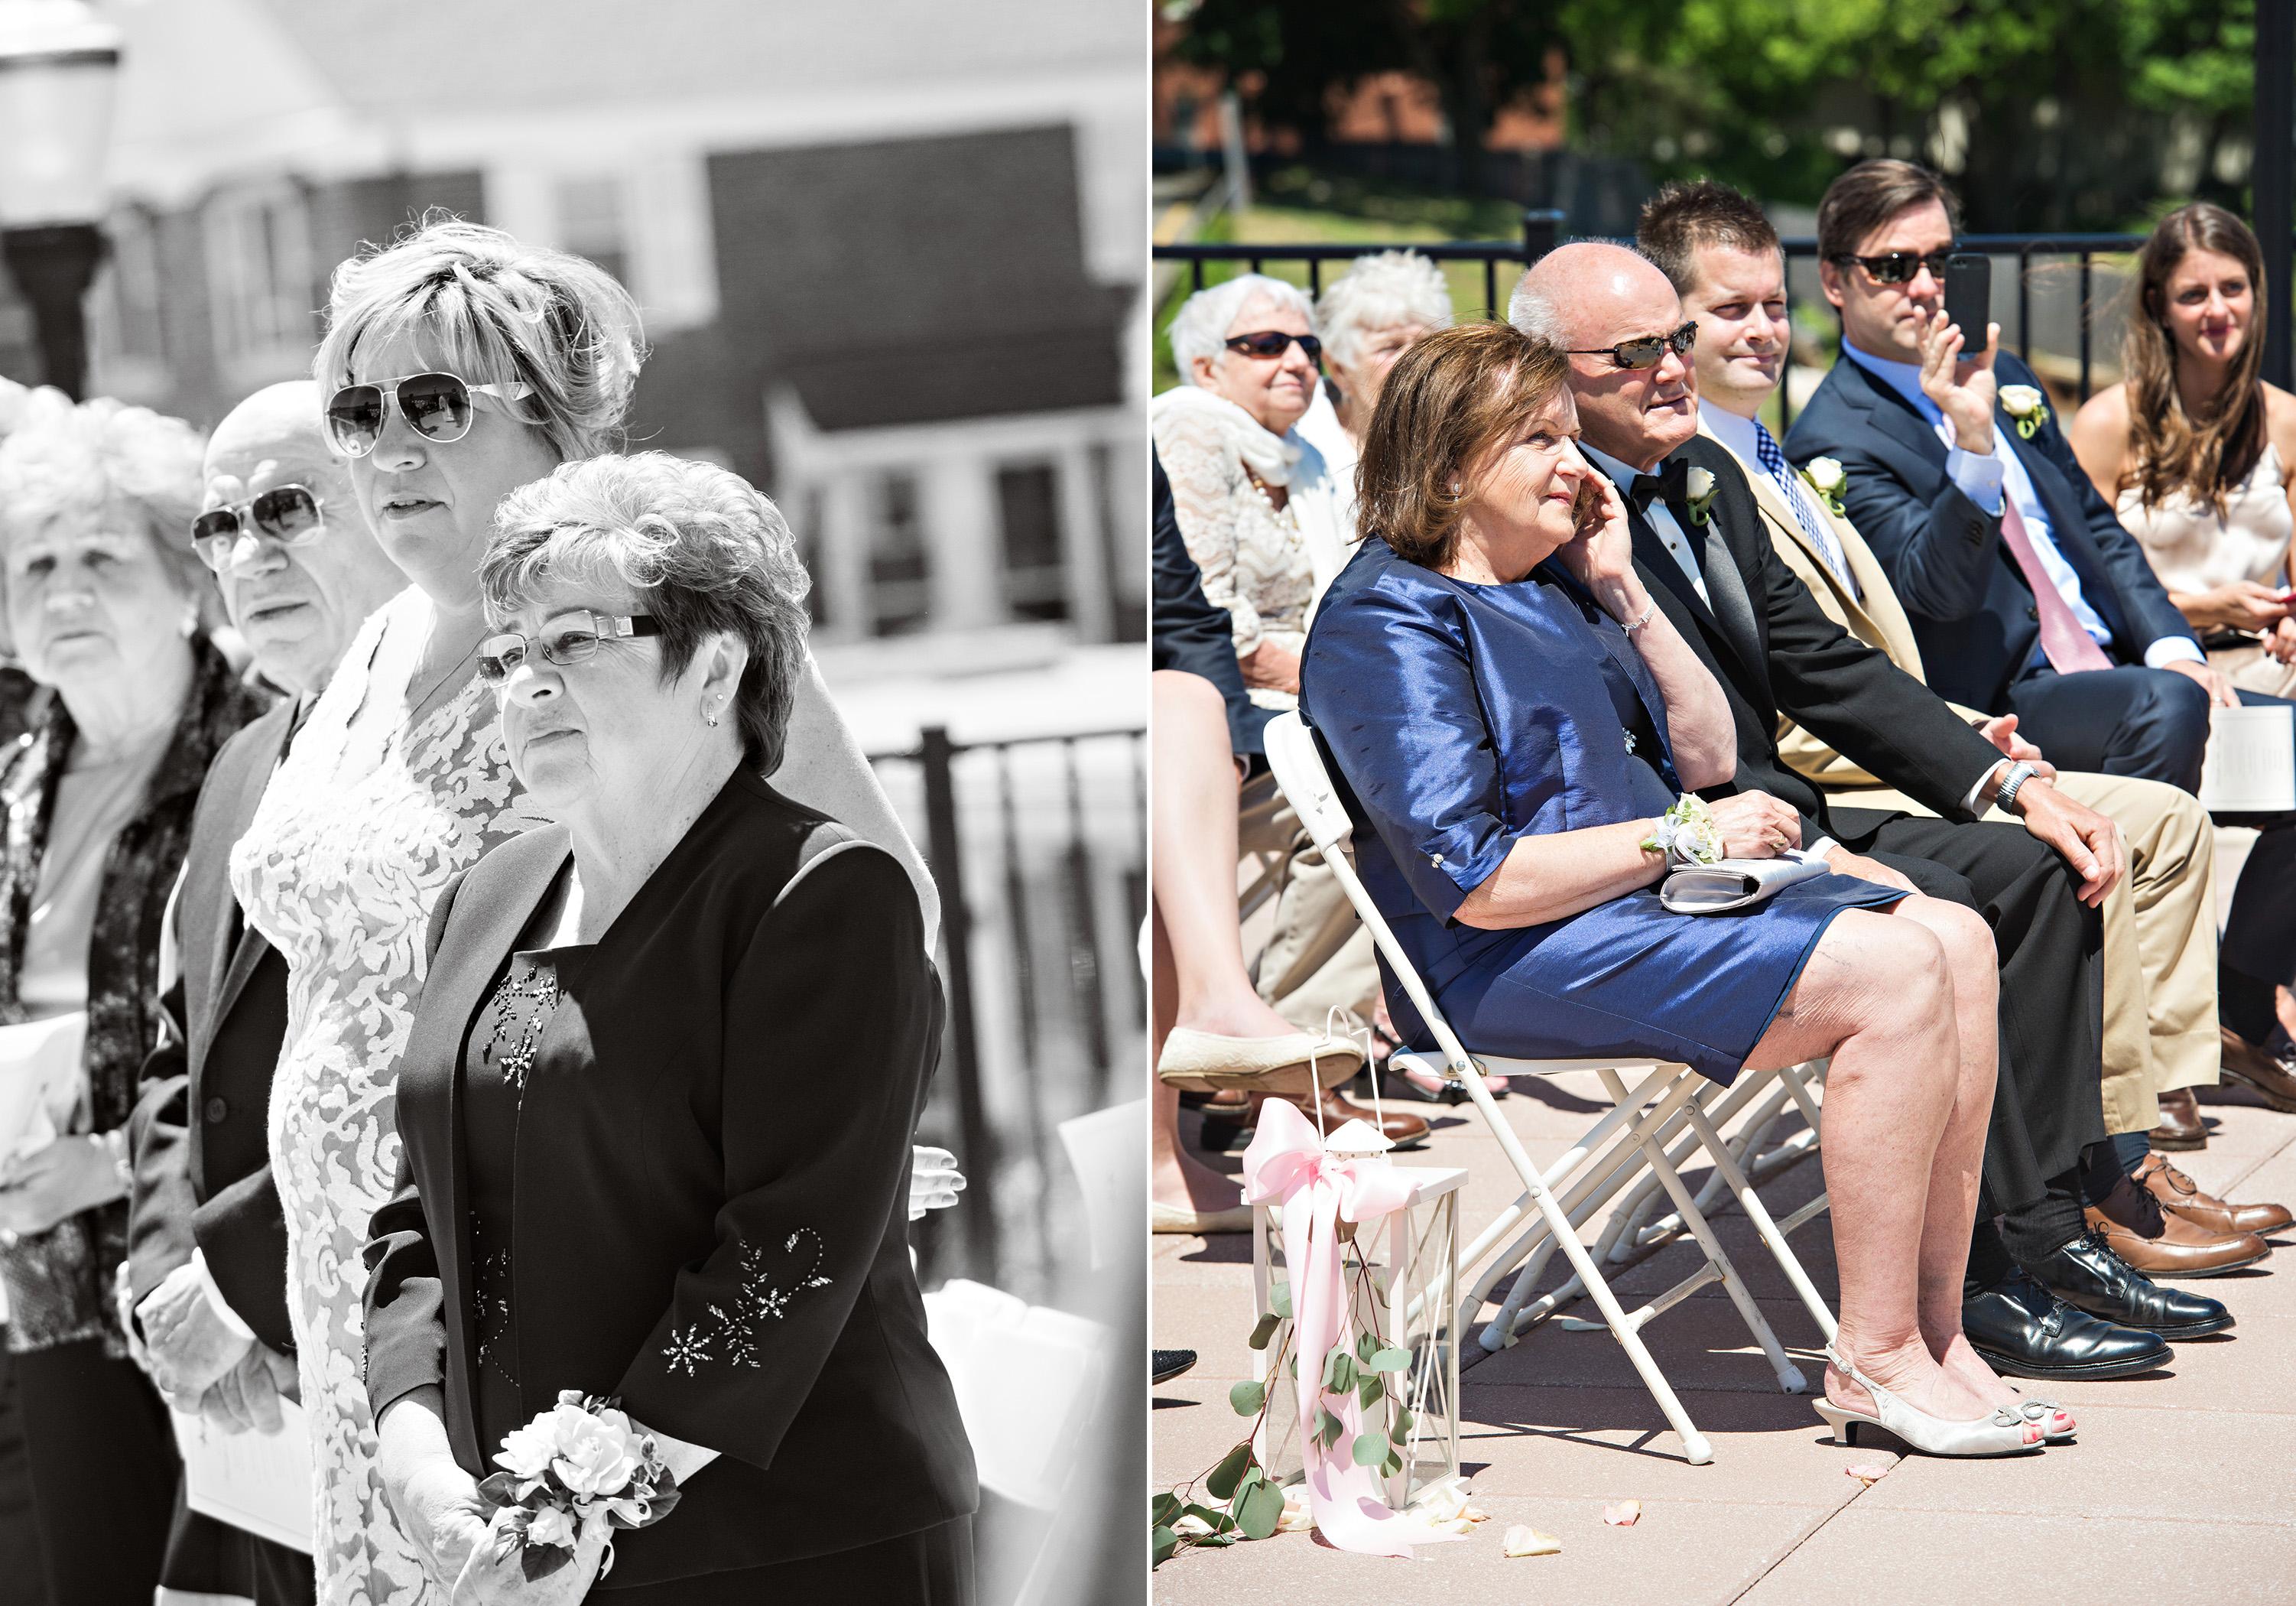 34-Sara Stadtmiller-SRS-Photography-Asbury-Park-Wedding-Photographer-Monmouth-County-Wedding-Photographer-NJ-Wedding-Photographer-Molly-Pitcher-Inn-Wedding